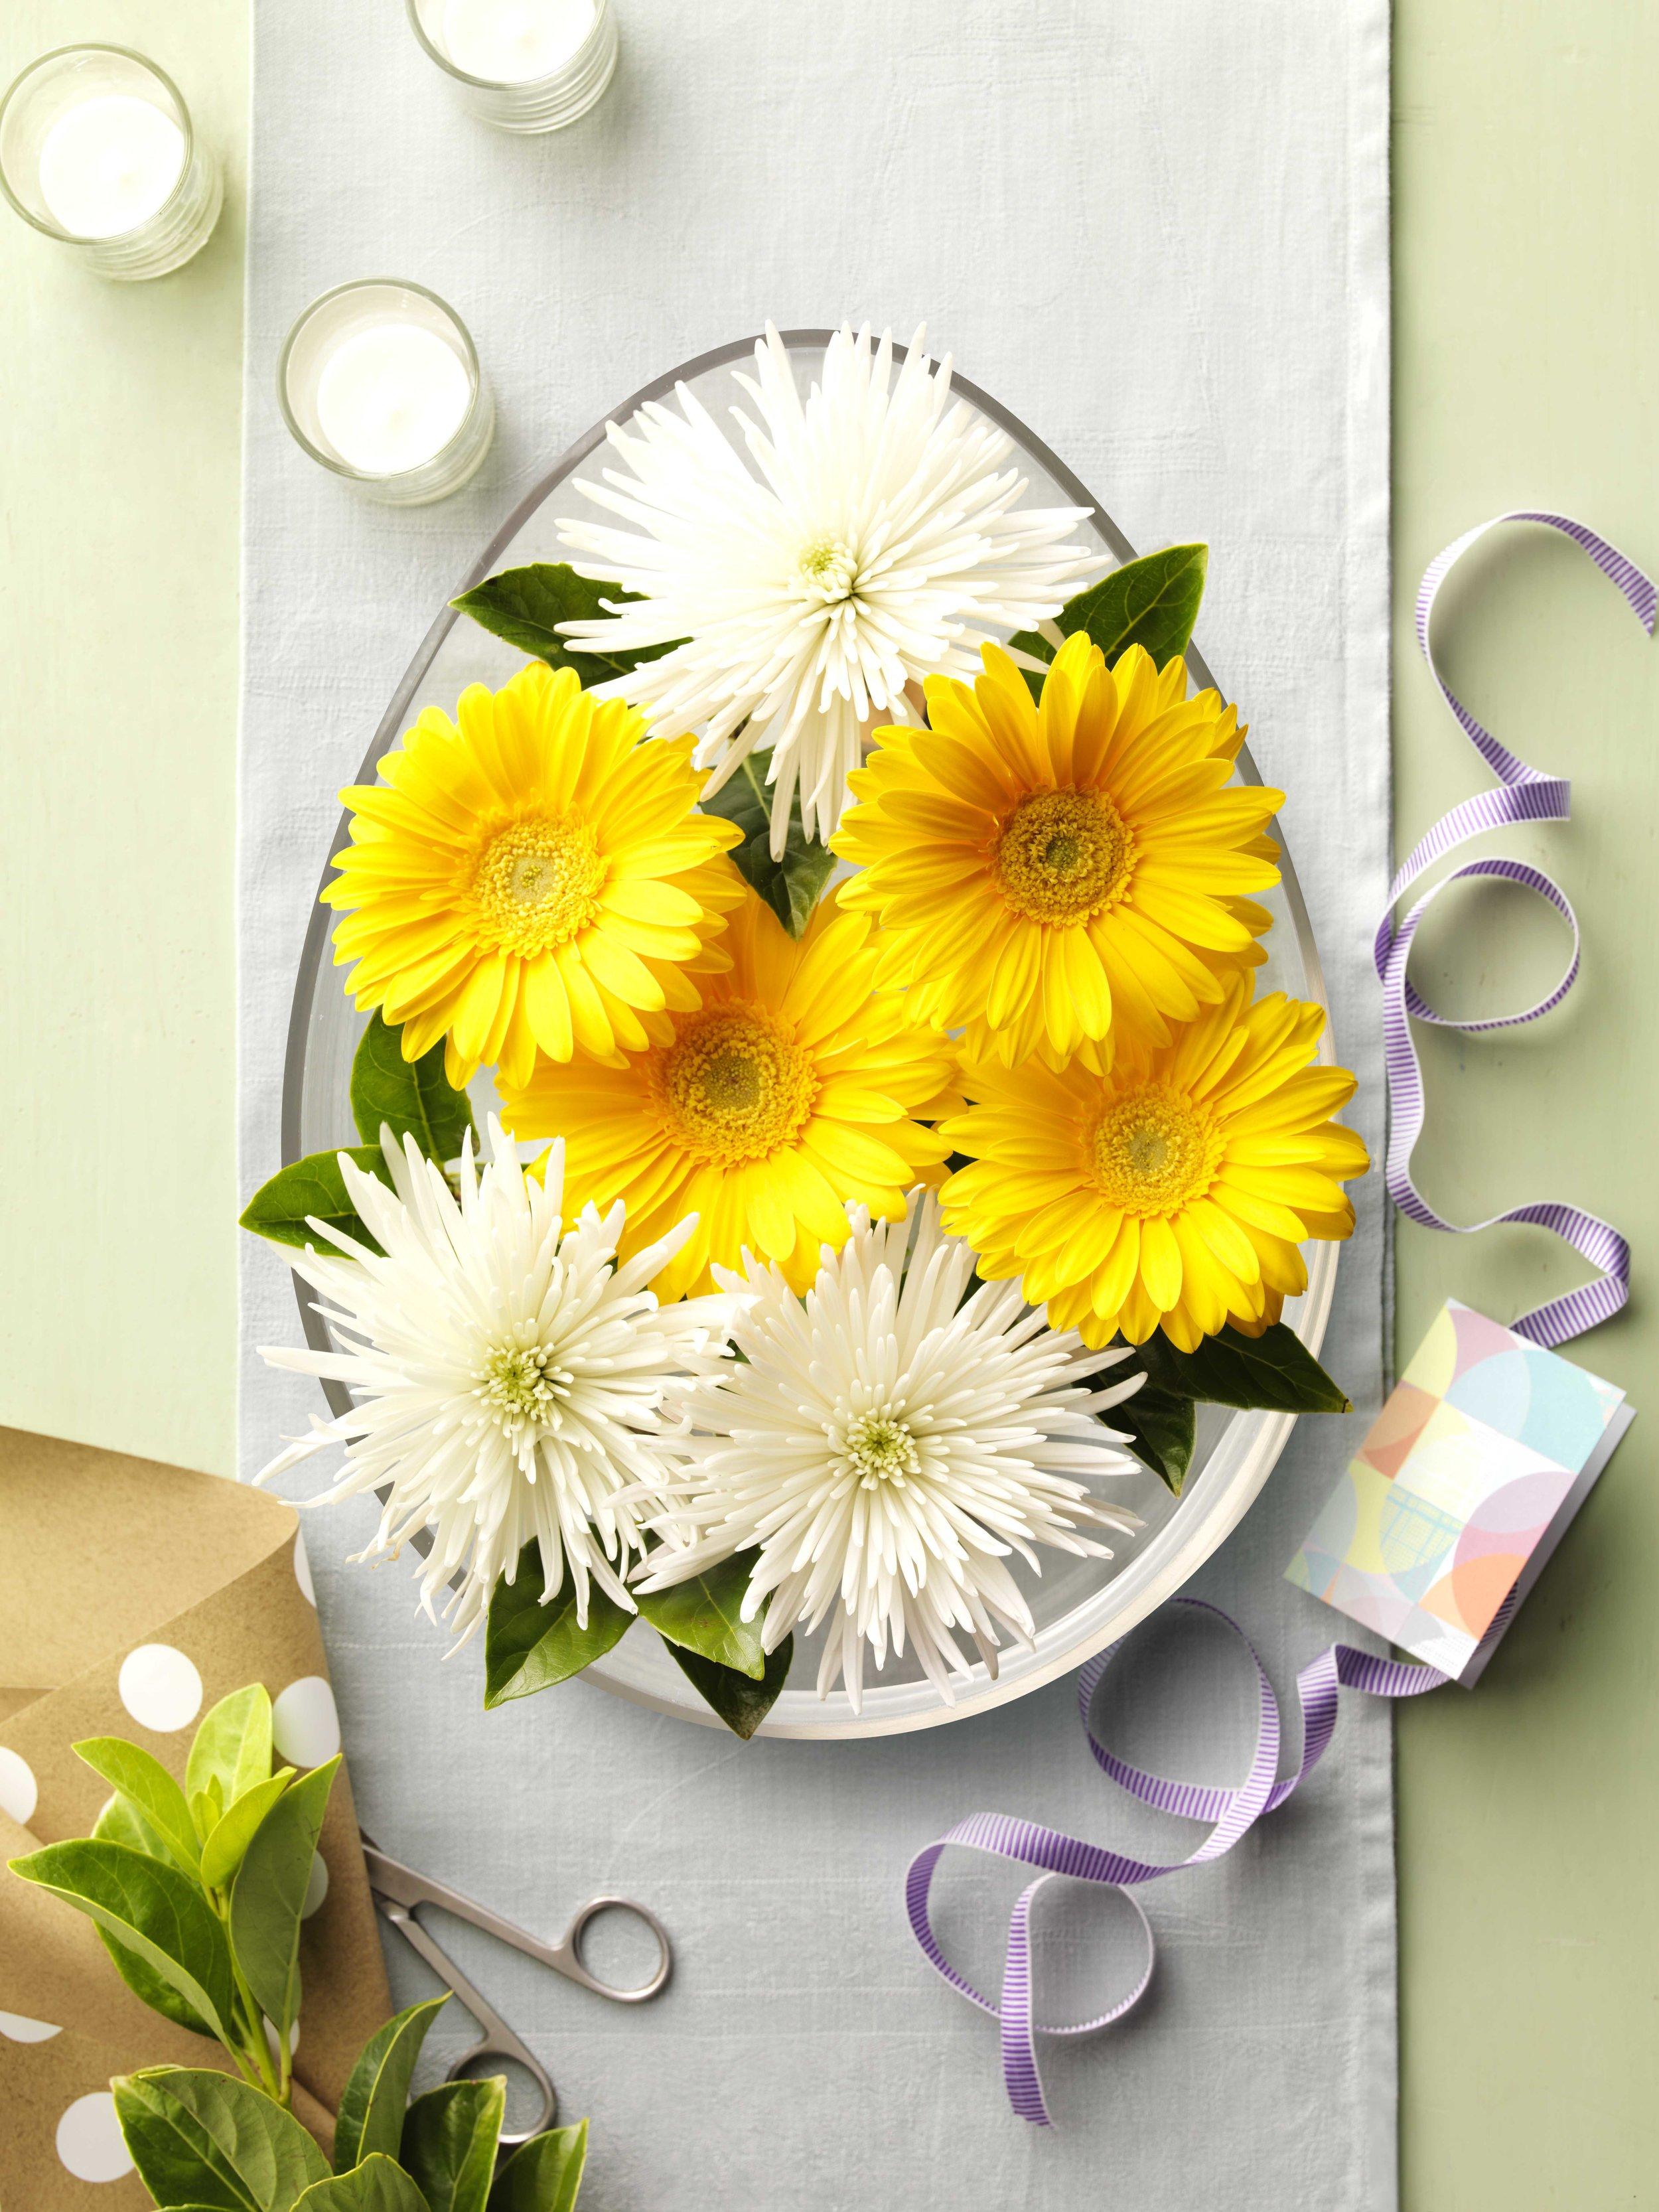 Flowers_EggPlate_HR_FINAL2.jpg